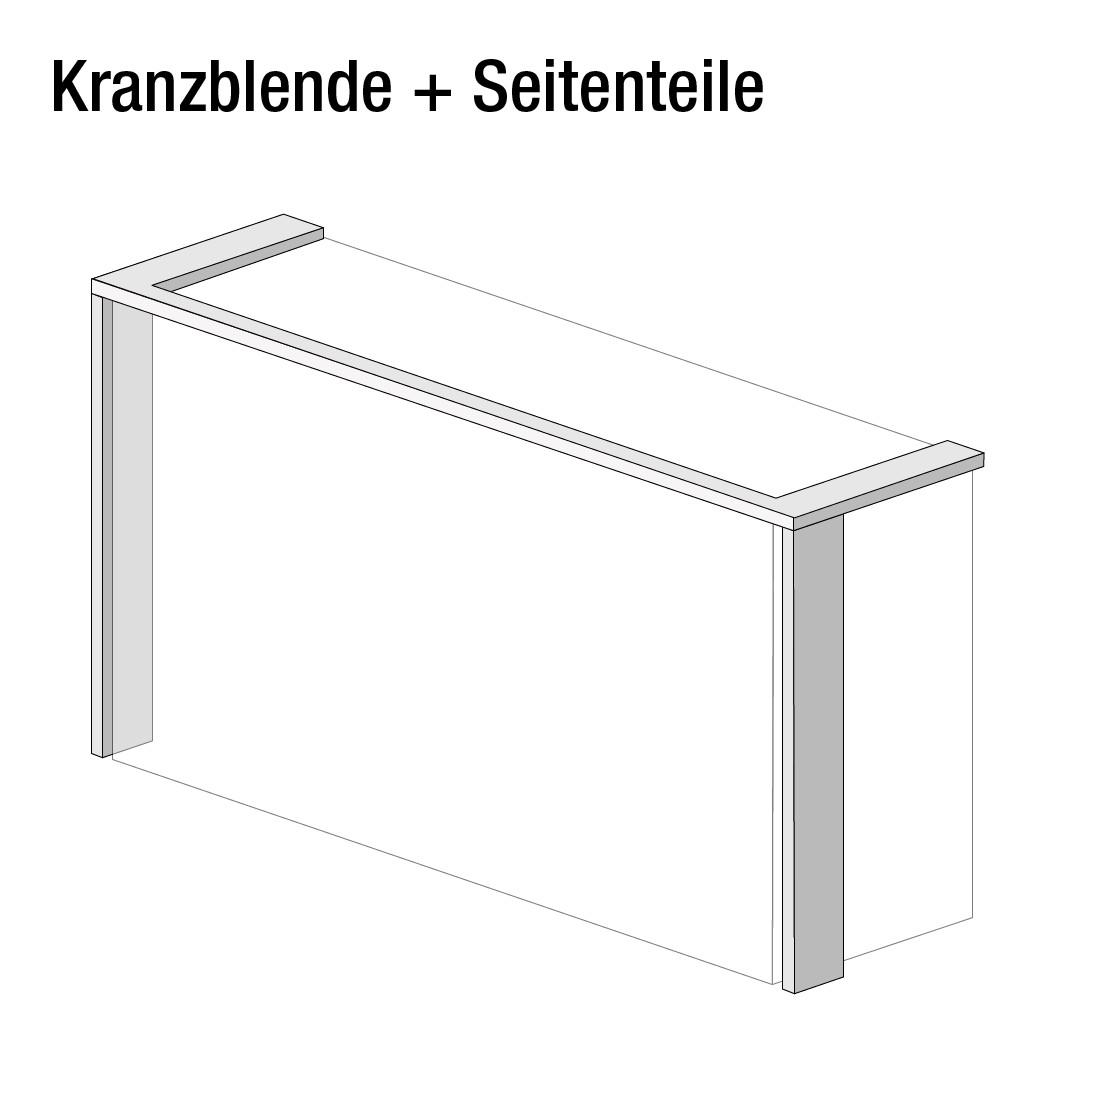 Kranzblende Skøp (mit Seitenteil) - Alpinweiß - 405 cm (3-türig) - 236 cm